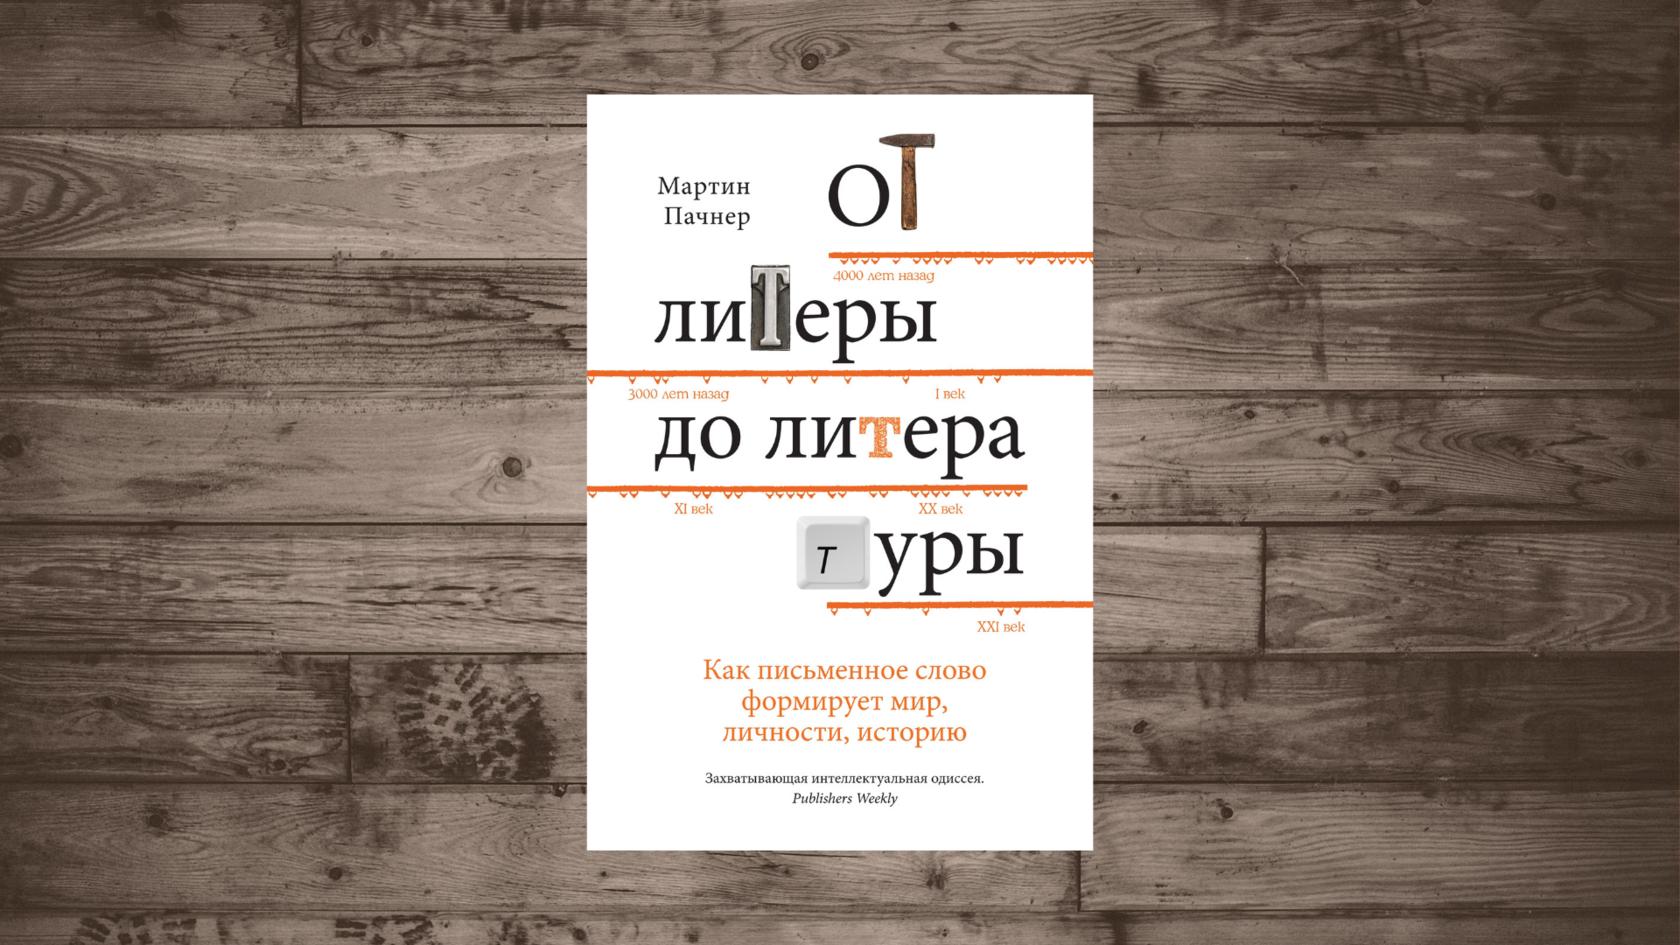 Купить Мартин Пачнер «От литеры до литературы. Как письменное слово формирует мир, личности, историю», Азбука, 978-5-389-14058-5